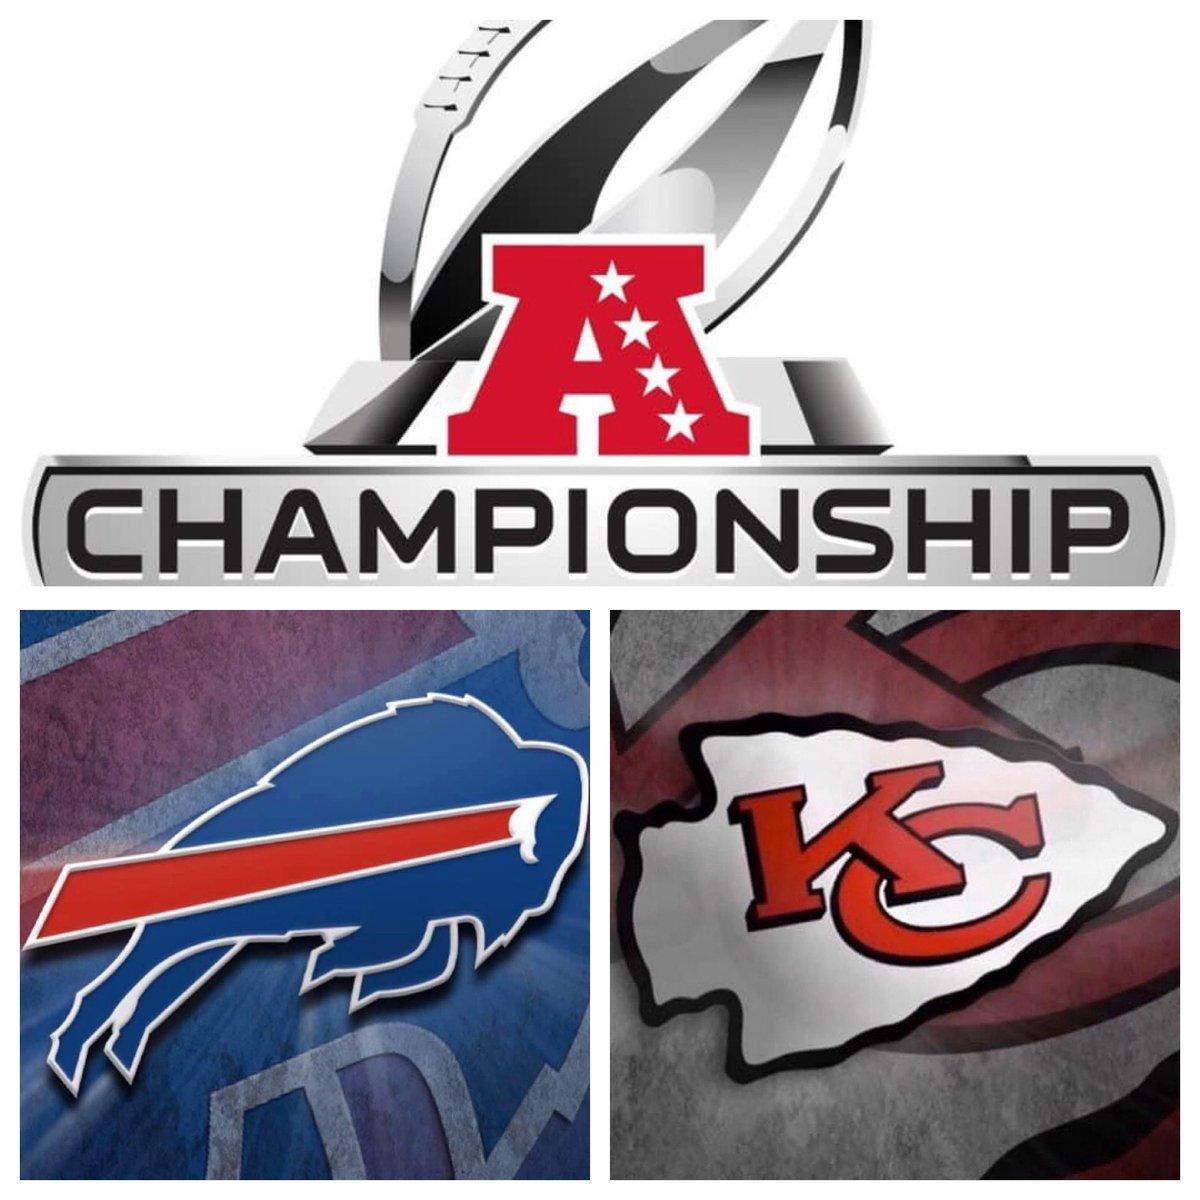 #IESRSN The 2021 #AFCChampionship is underway! #NFL #NFLPlayoffs #ChampionshipSunday #BUFvsKC #BIllsMafia #ChiefsKingdom